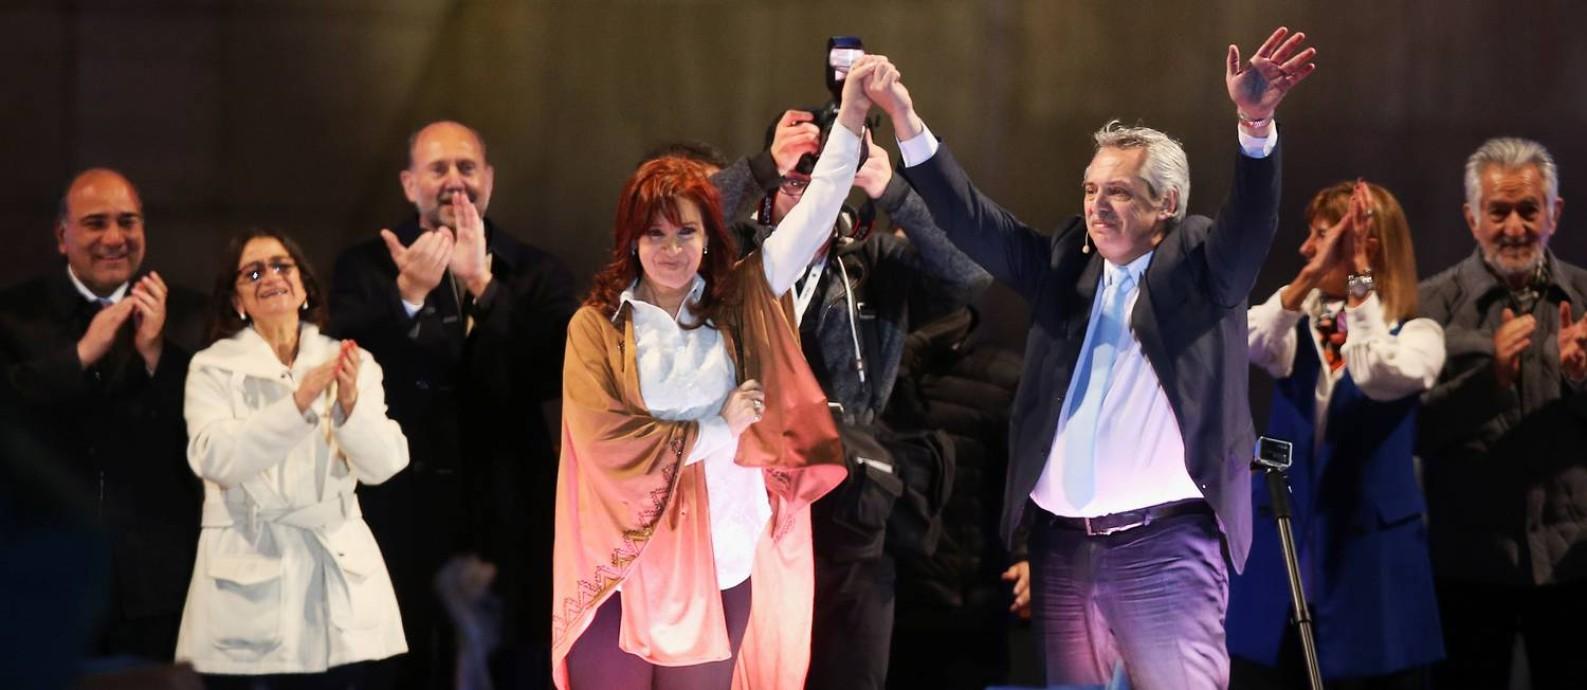 Fernández levanta o braço de Cristina no última comício para as primárias de 11 de agosto, quando venceu o presidente Mauricio Macri por ampla margem Foto: AGUSTIN MARCARIAN / Reuters